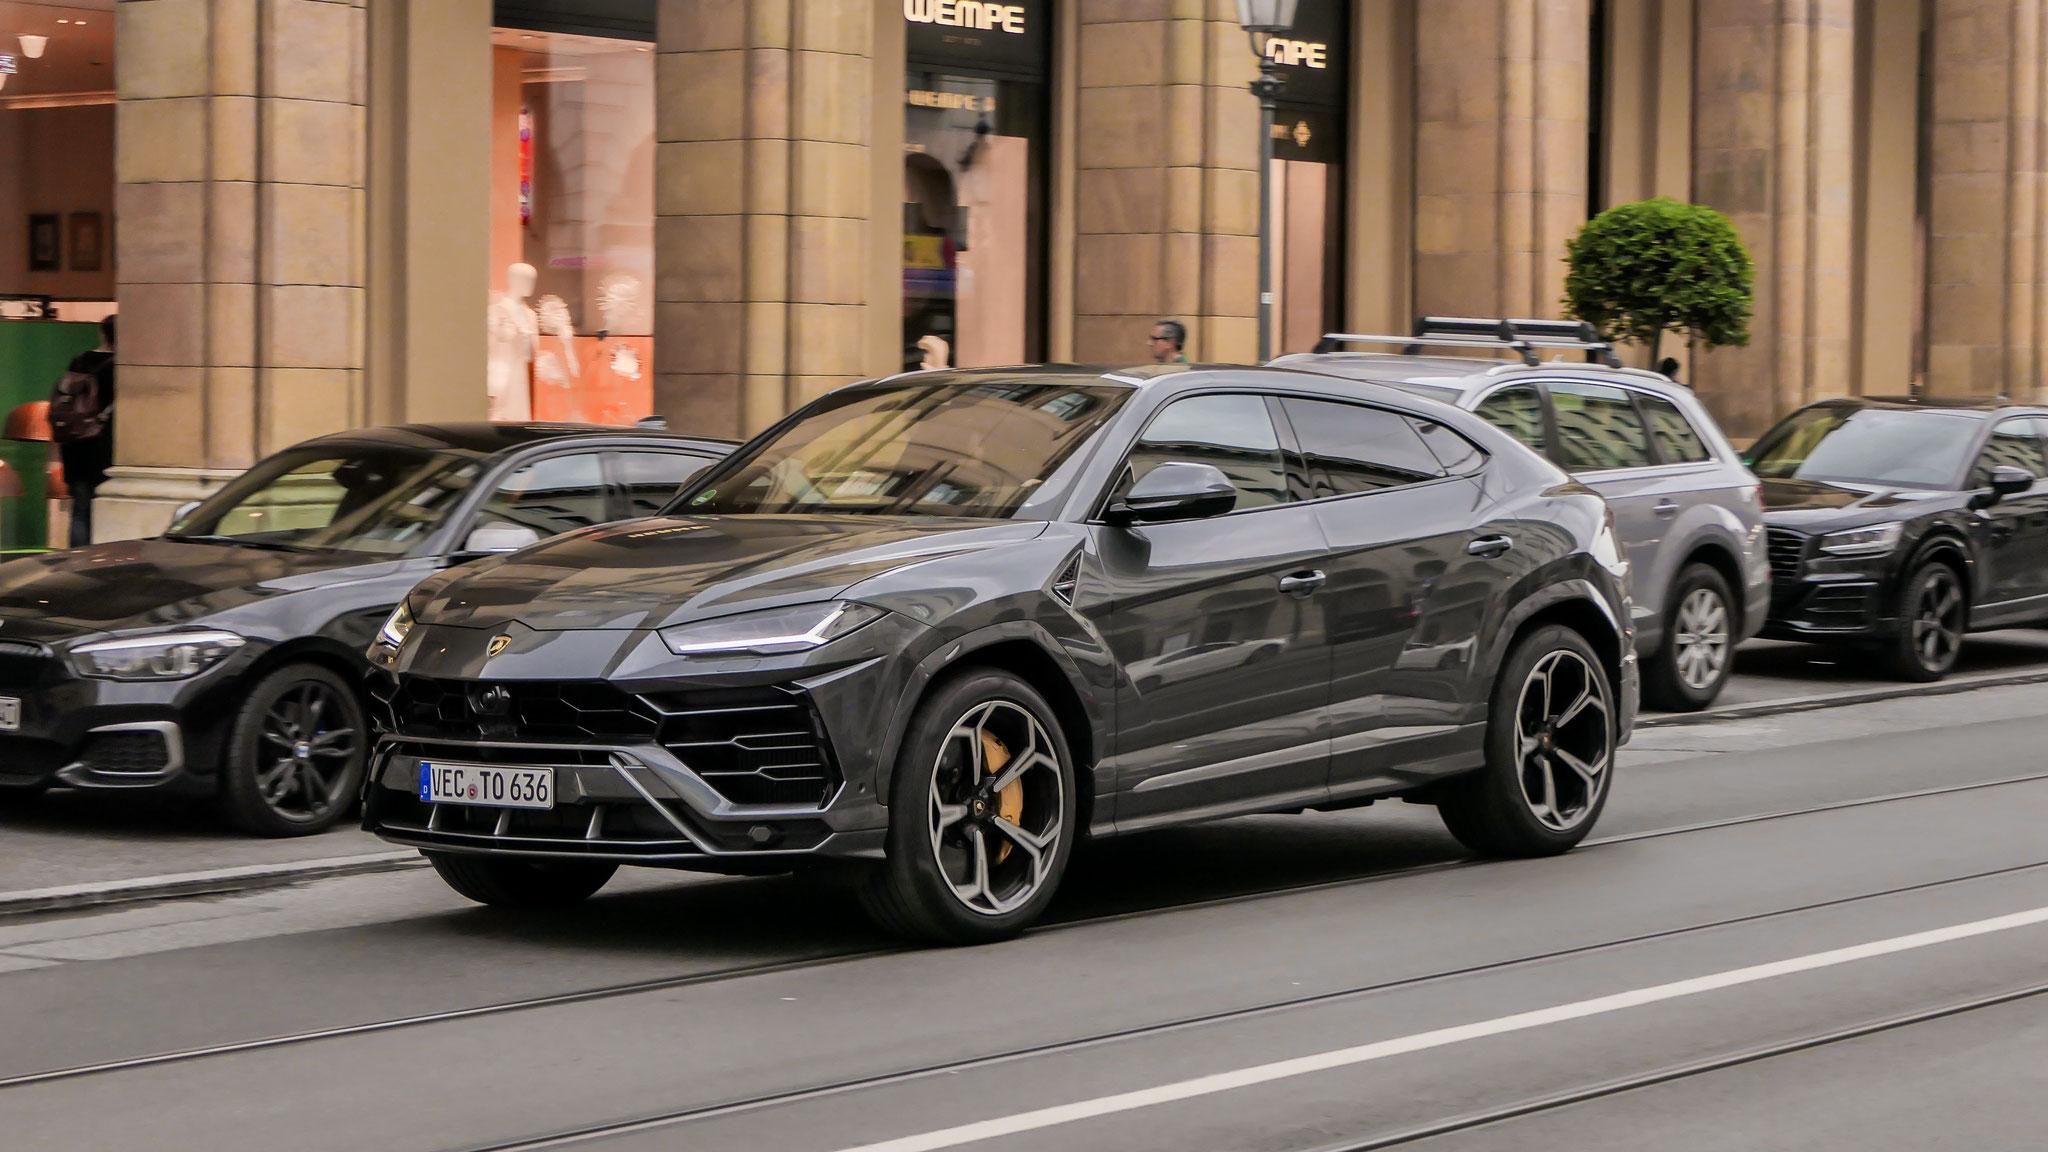 Lamborghini Urus - VEC-TO-636